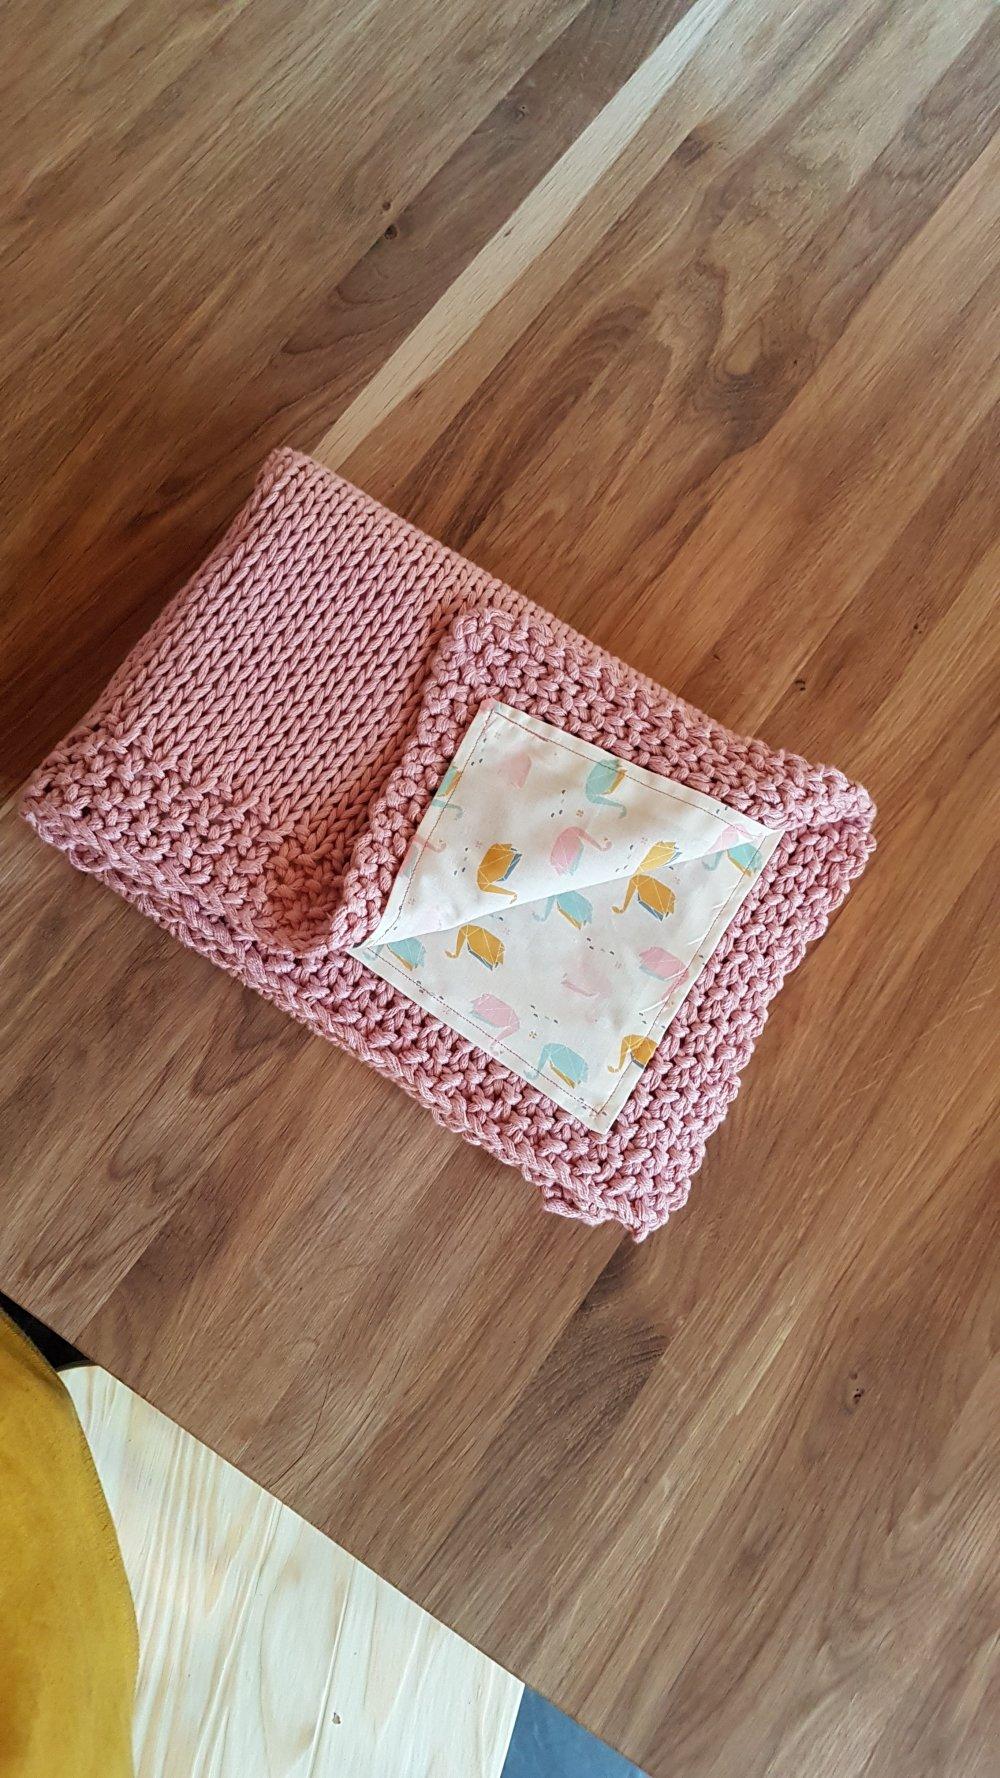 Couverture Bébé en tricot - Modèle Vieux Rose / Sur commande